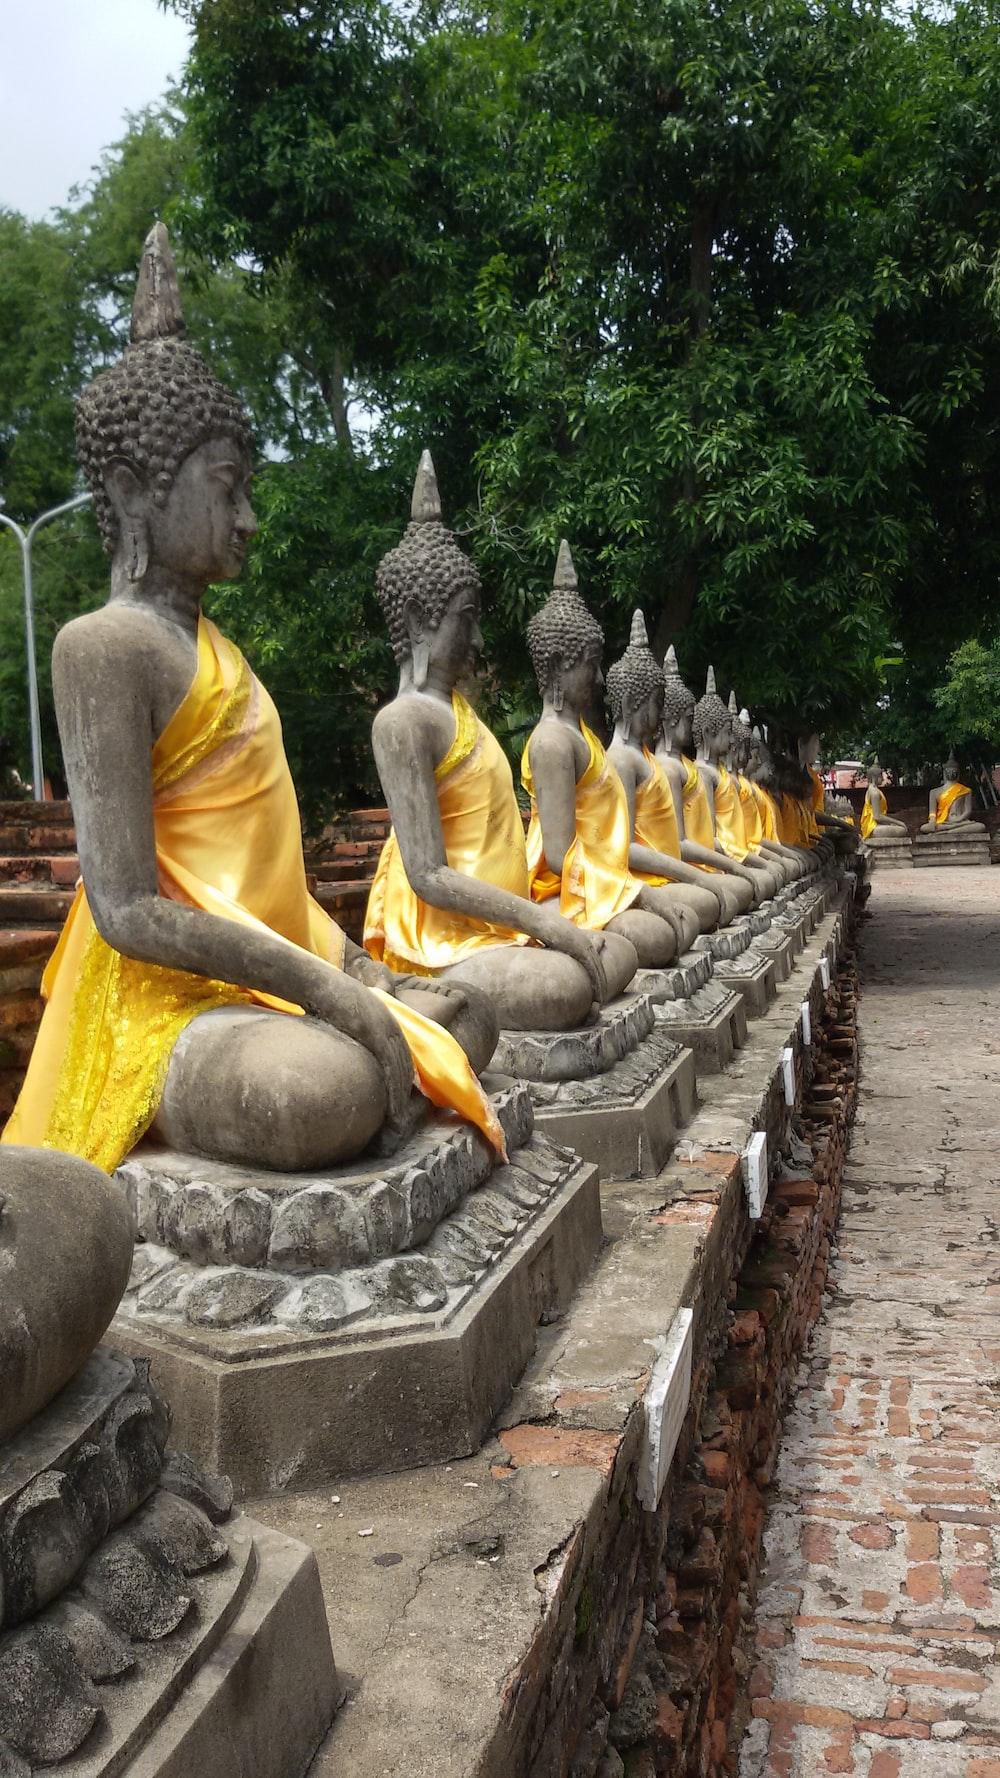 Gautama Buddha staues